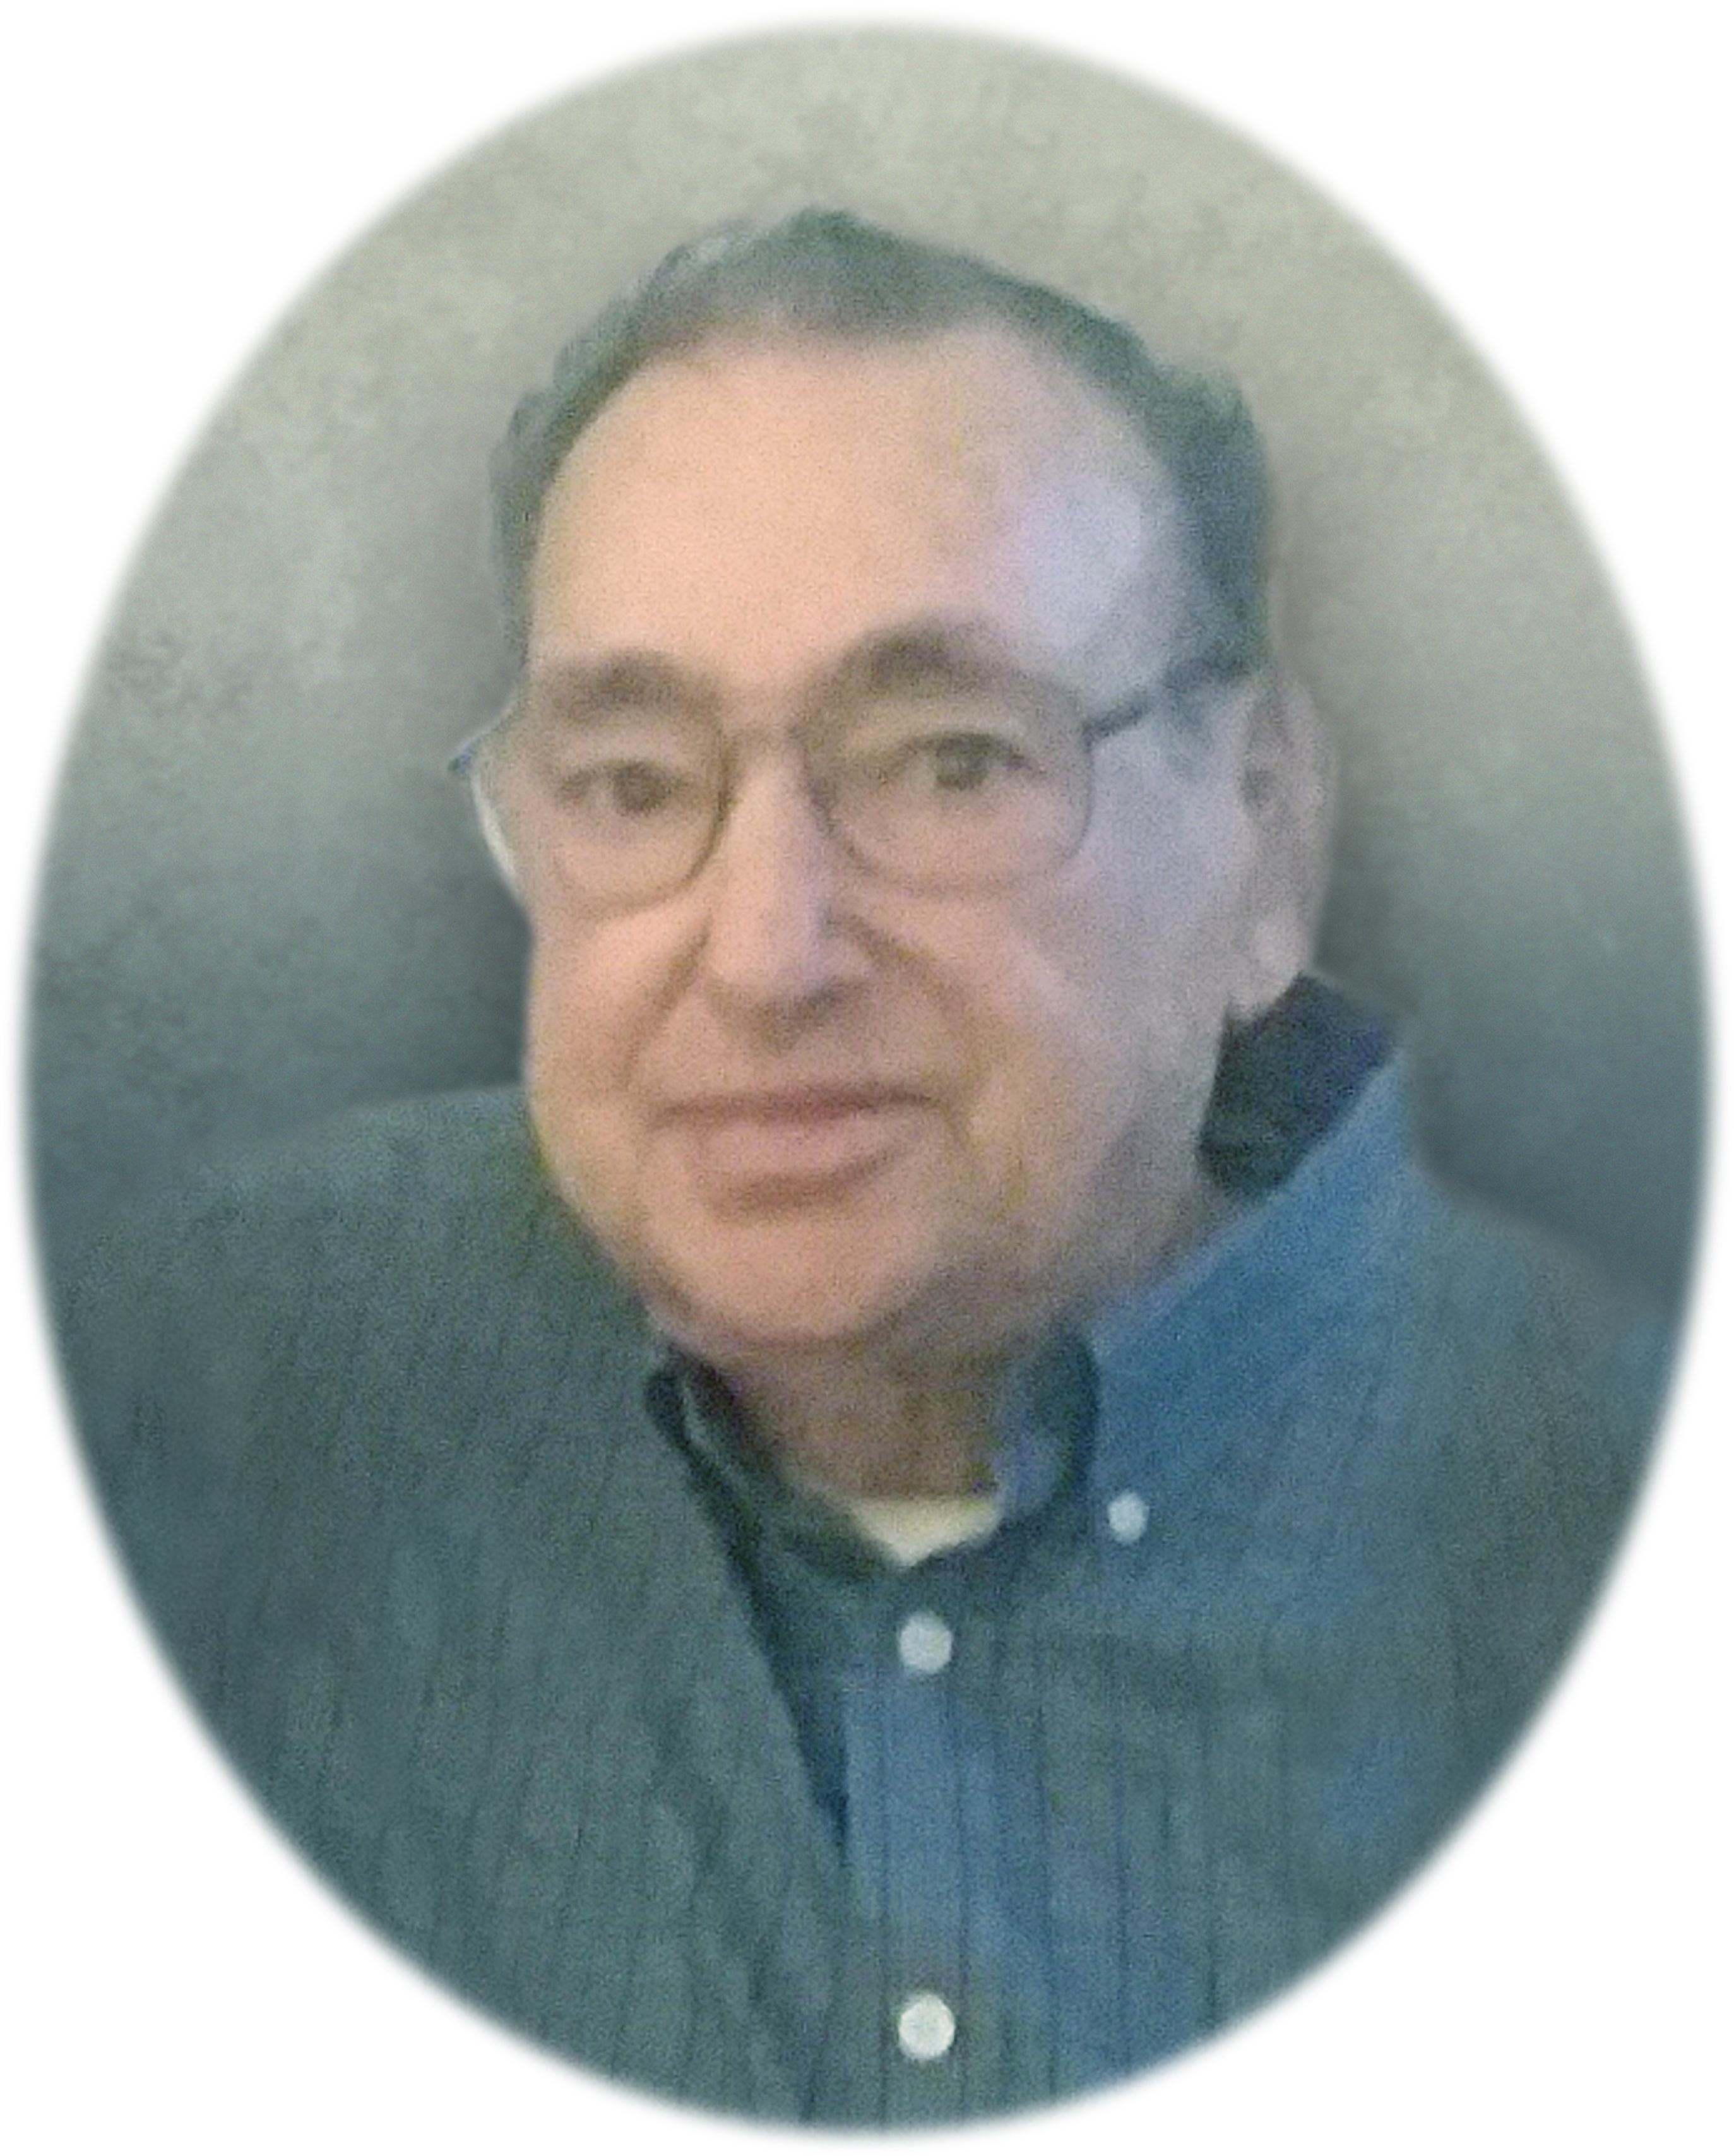 Gerald R. Ledbetter